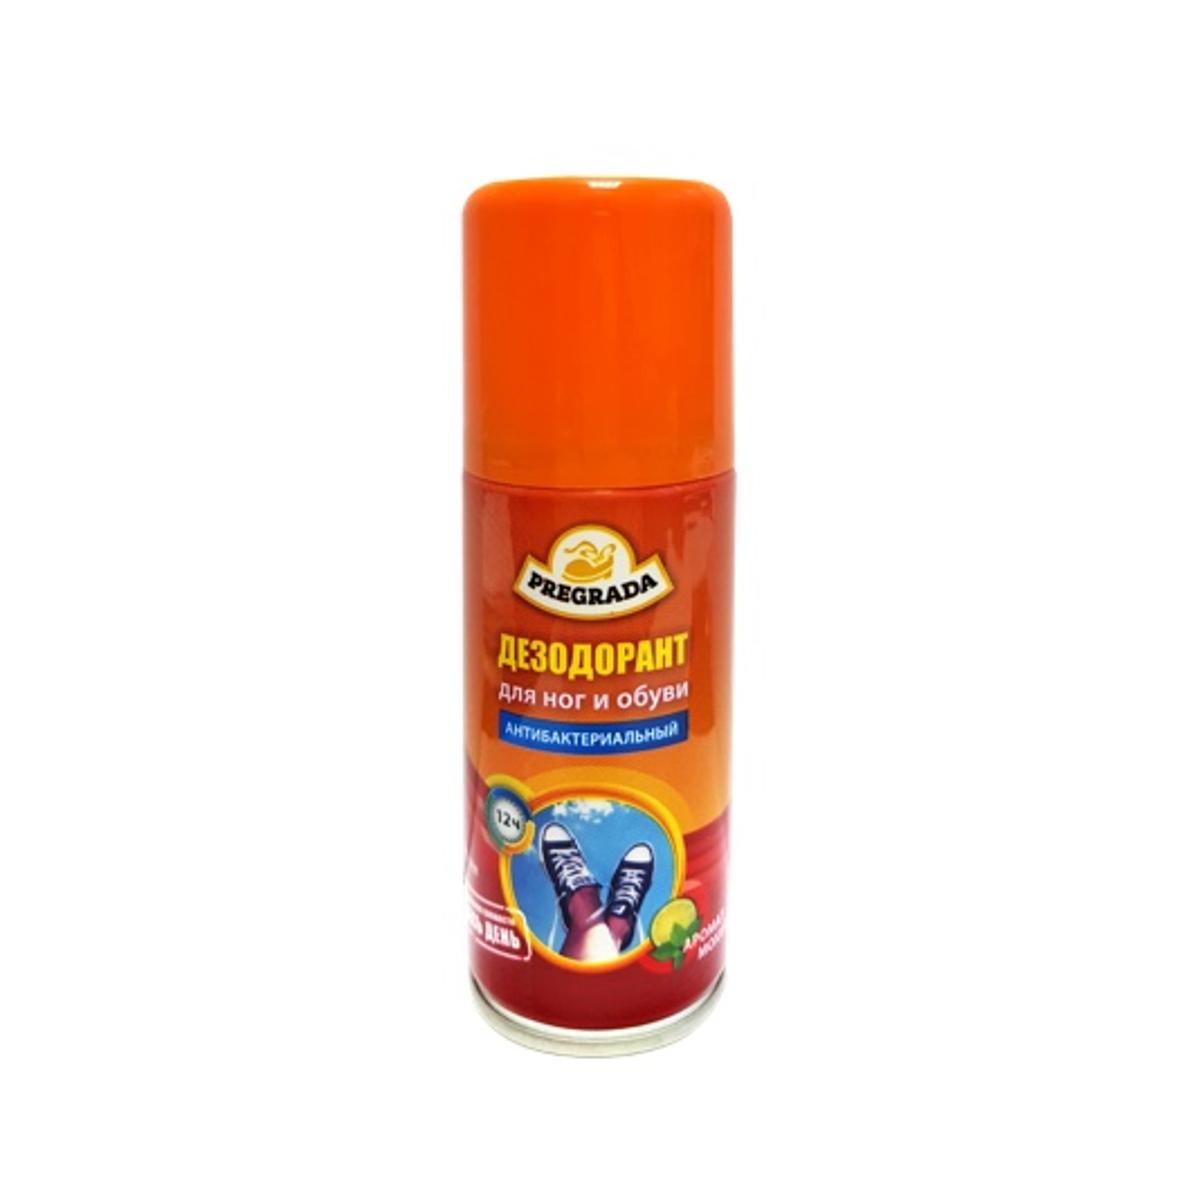 Аэрозоль дезодорант для ног и обуви Pregrada Защита от запахаSS 4041Pregrada универсальный дезодорант для ног и обуви АНТИБАКТЕРИАЛЬНЫЙ 100мл с приятным запахом мохито превосходно нетрализует неприятные запахи. Обеспечивает защиту ног и обуви от запаха на целый день! Противомикробное действие компонентов защищает от возникновения грибковых инфекций. Идеально подходит для занятий спортом и активного отдыха.Способ применения: Перед употреблением встряхнуть баллон . Распылять на чистую и сухую кожу стоп. Уделите особое внимание местам между пальцами ног, где расположены источники пота. Распылить на внутреннюю поверхность обуви, дать высохнуть. Рекомендуется повторять процедуру до и после ношения. Меры предосторожности:Беречь от детей! Огнеопасно! Хранить в сухом прохладном месте вдали от прямых солнечных лучей. Состав: пропан, бутан, изобутан , растворитель ,пропиленгликоль, триклозан ,парфюмерная композиция